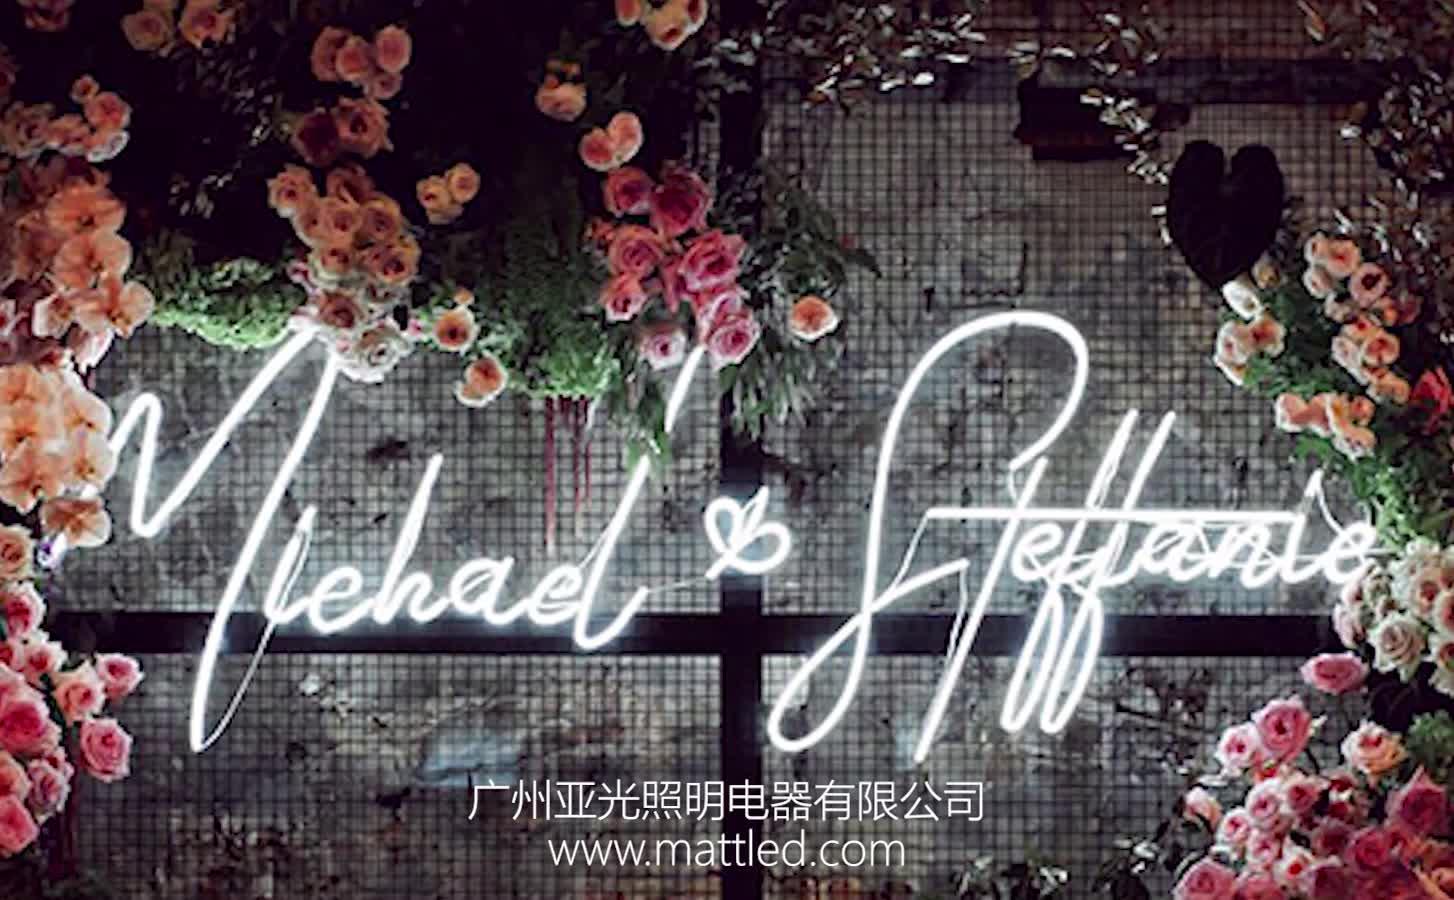 屋外装飾的なカスタムアクリル Led ネオンサインのための結婚式、イベント、家の装飾